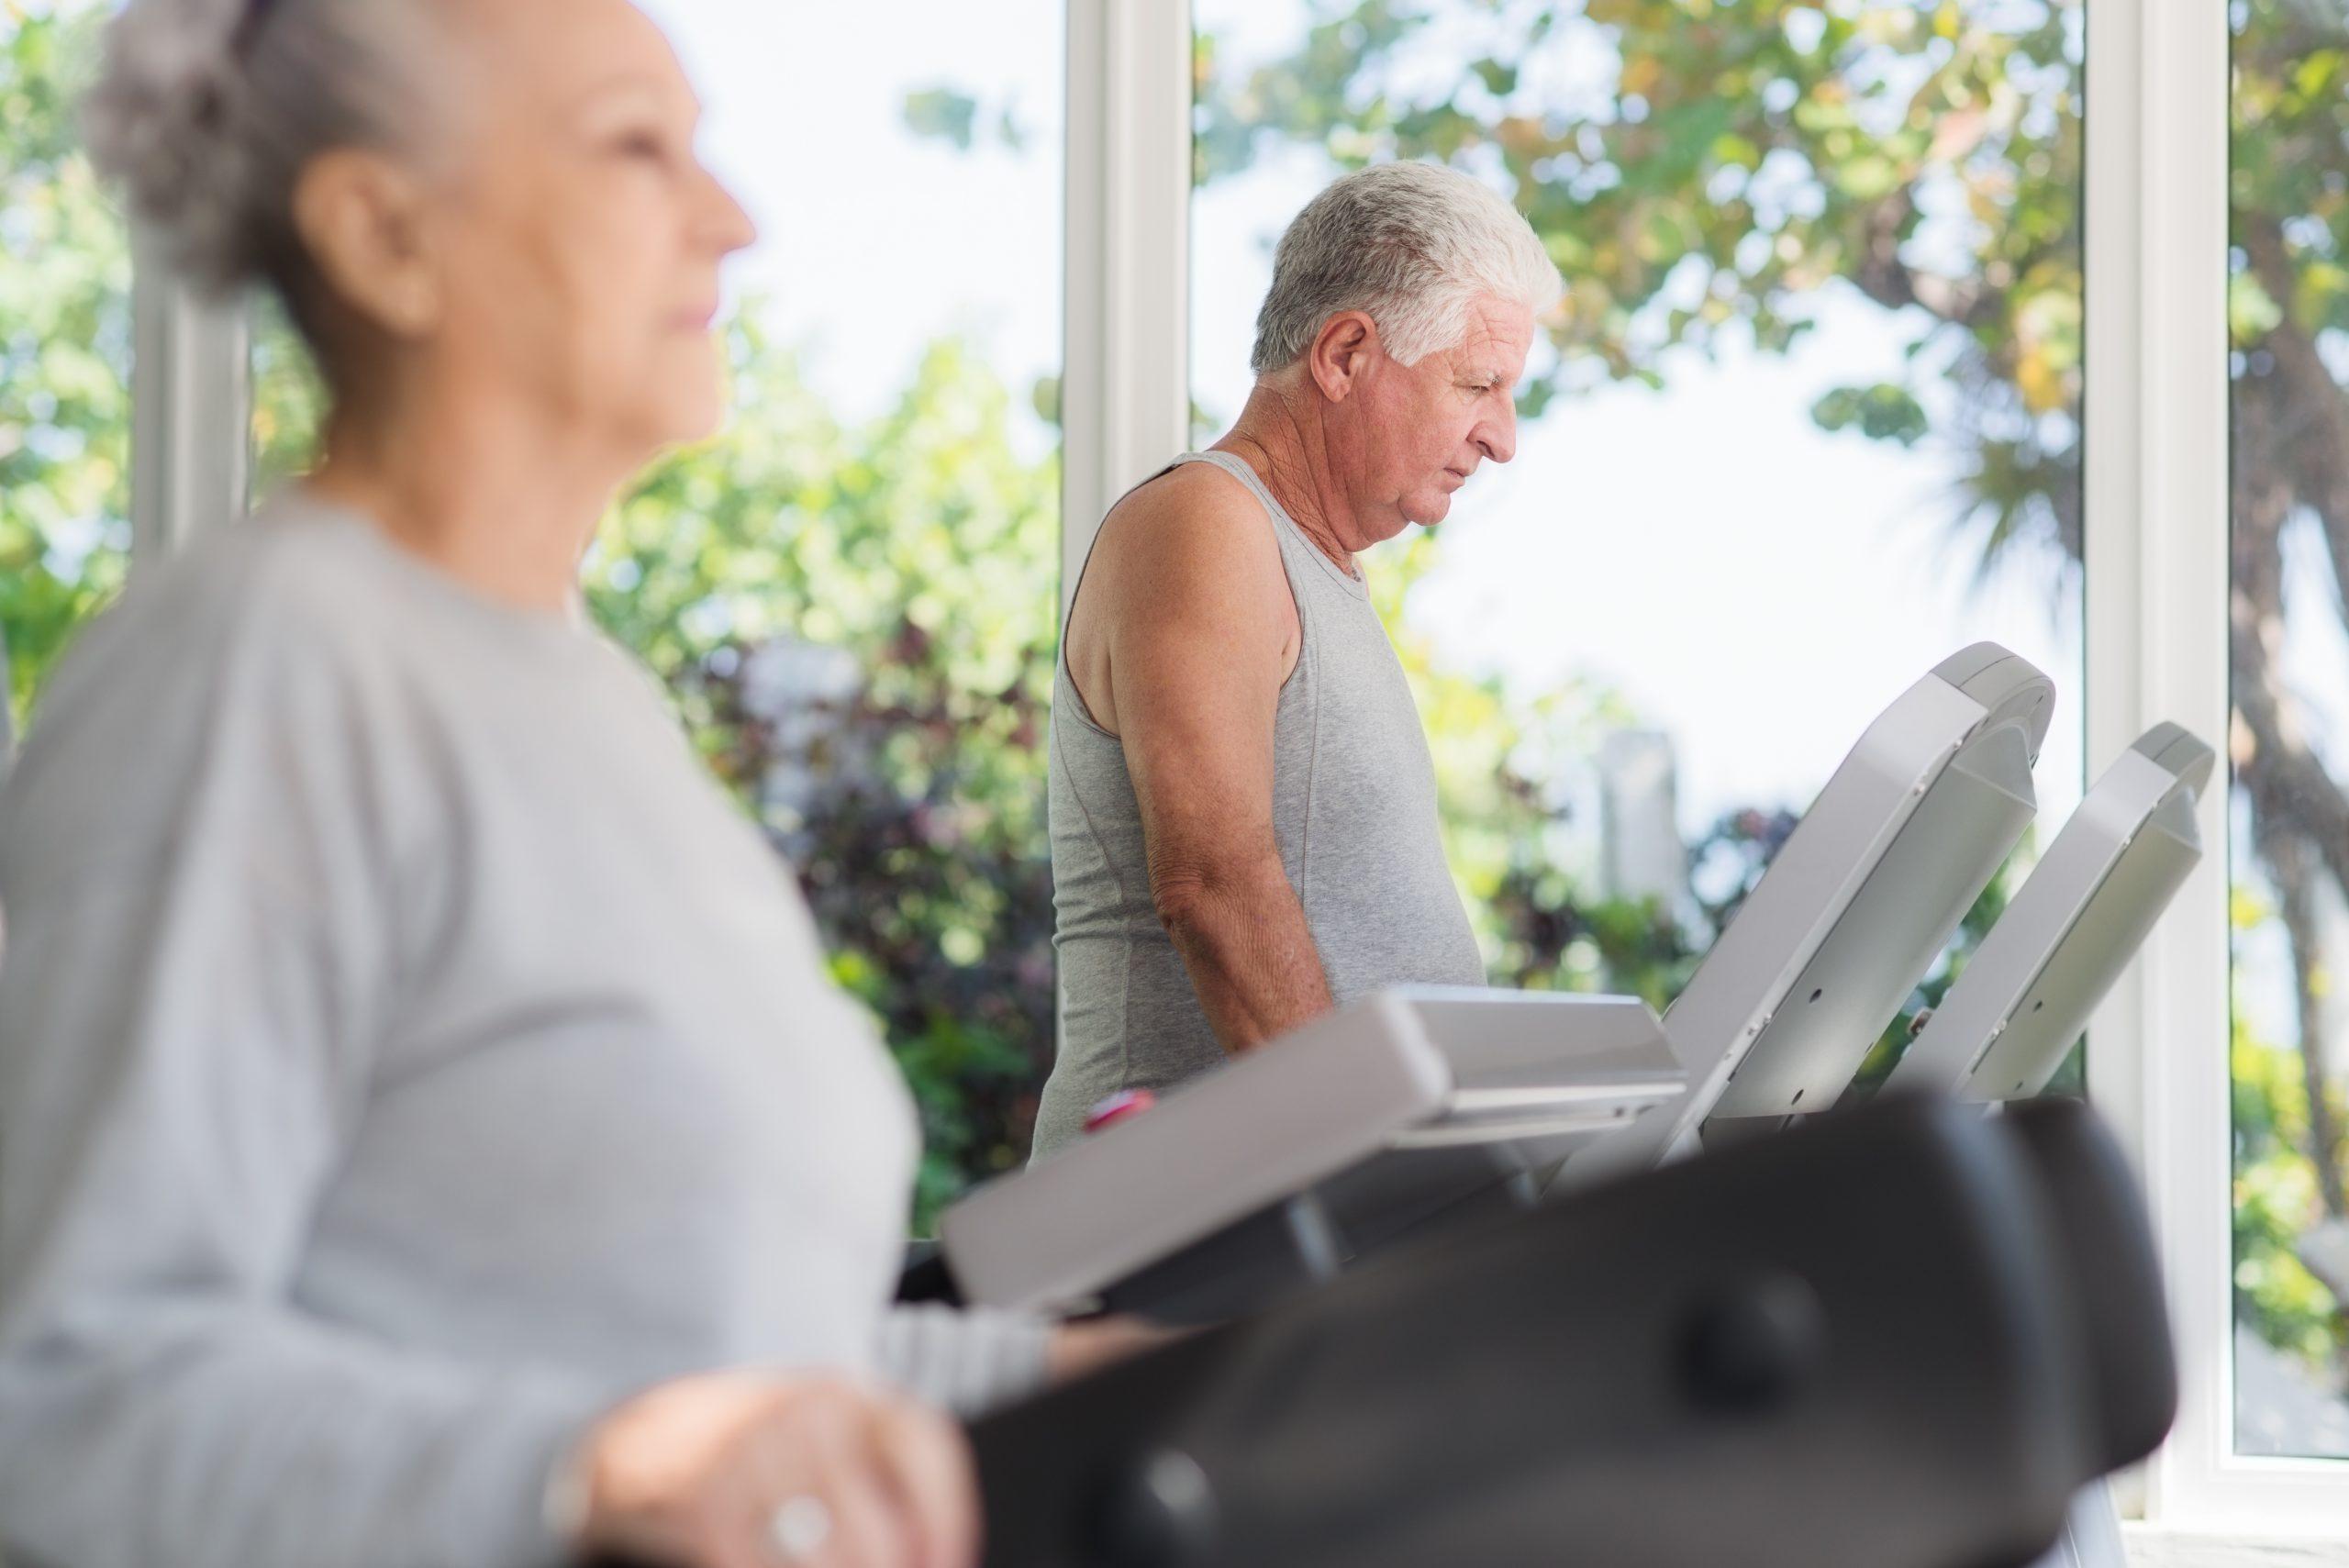 Mięśnie Kegla u mężczyzn - jak wzmocnić?